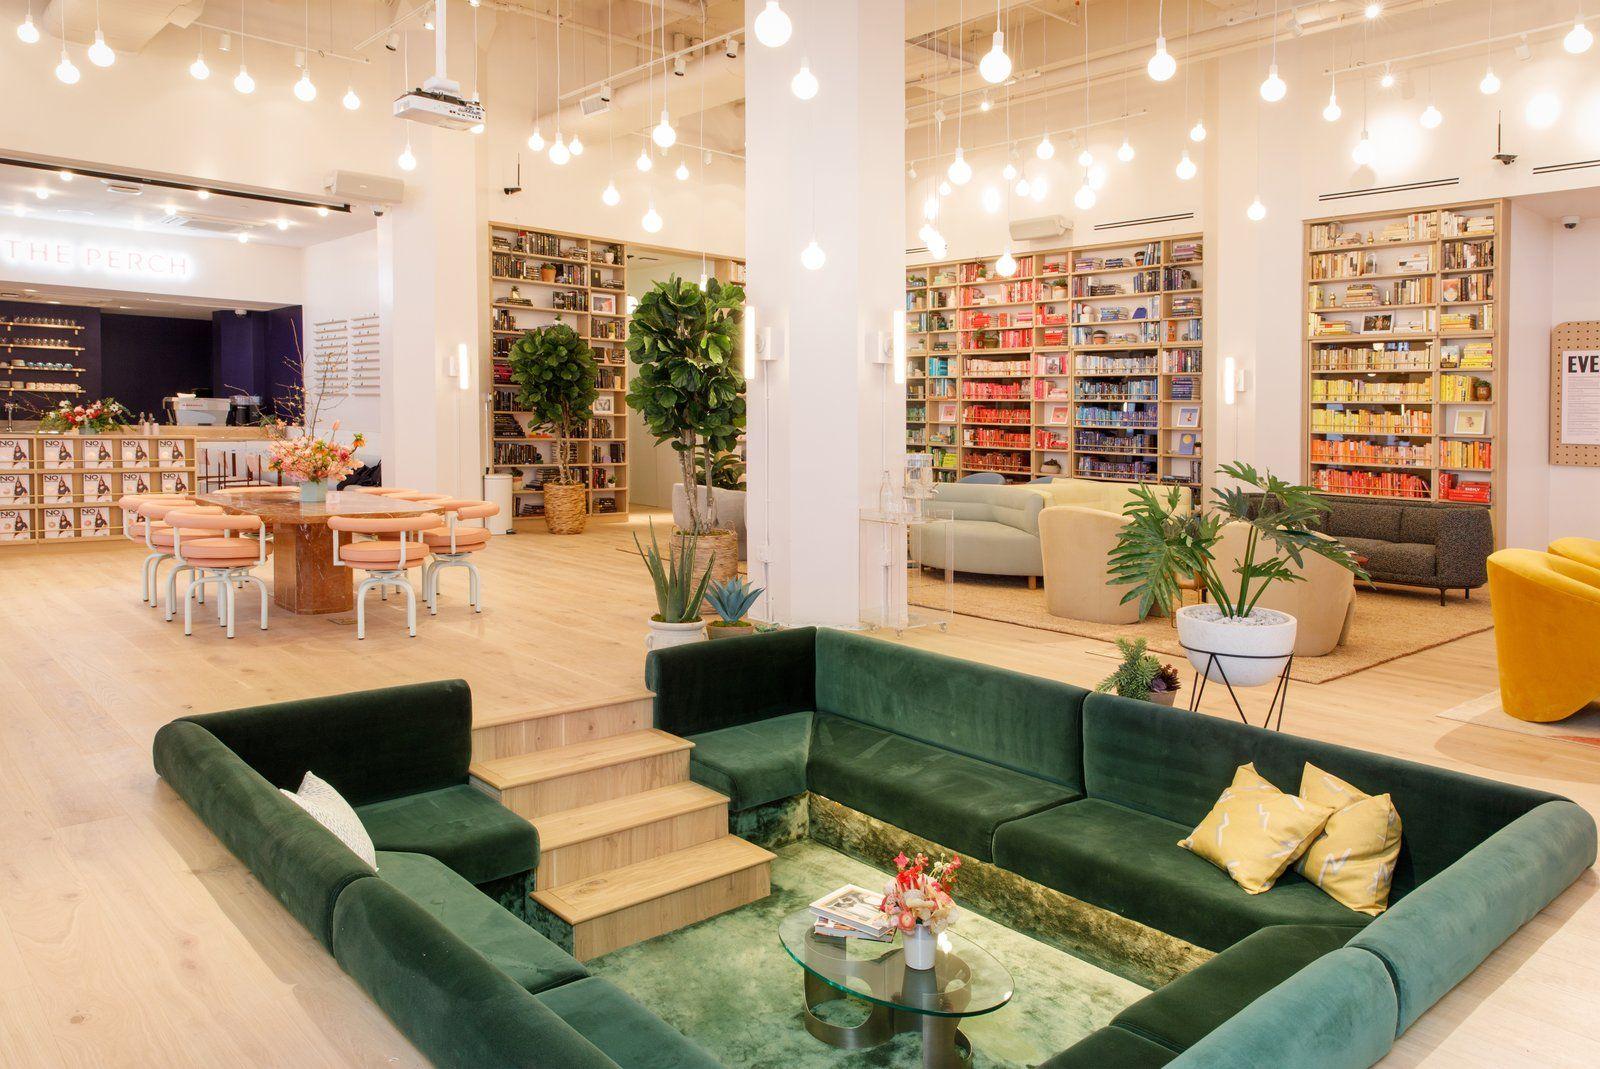 A Peek Inside Brooklyn S Latest Co Working Space Dedicated To Women Sunken Living Room Coworking Space Design Home #sunken #living #room #couch